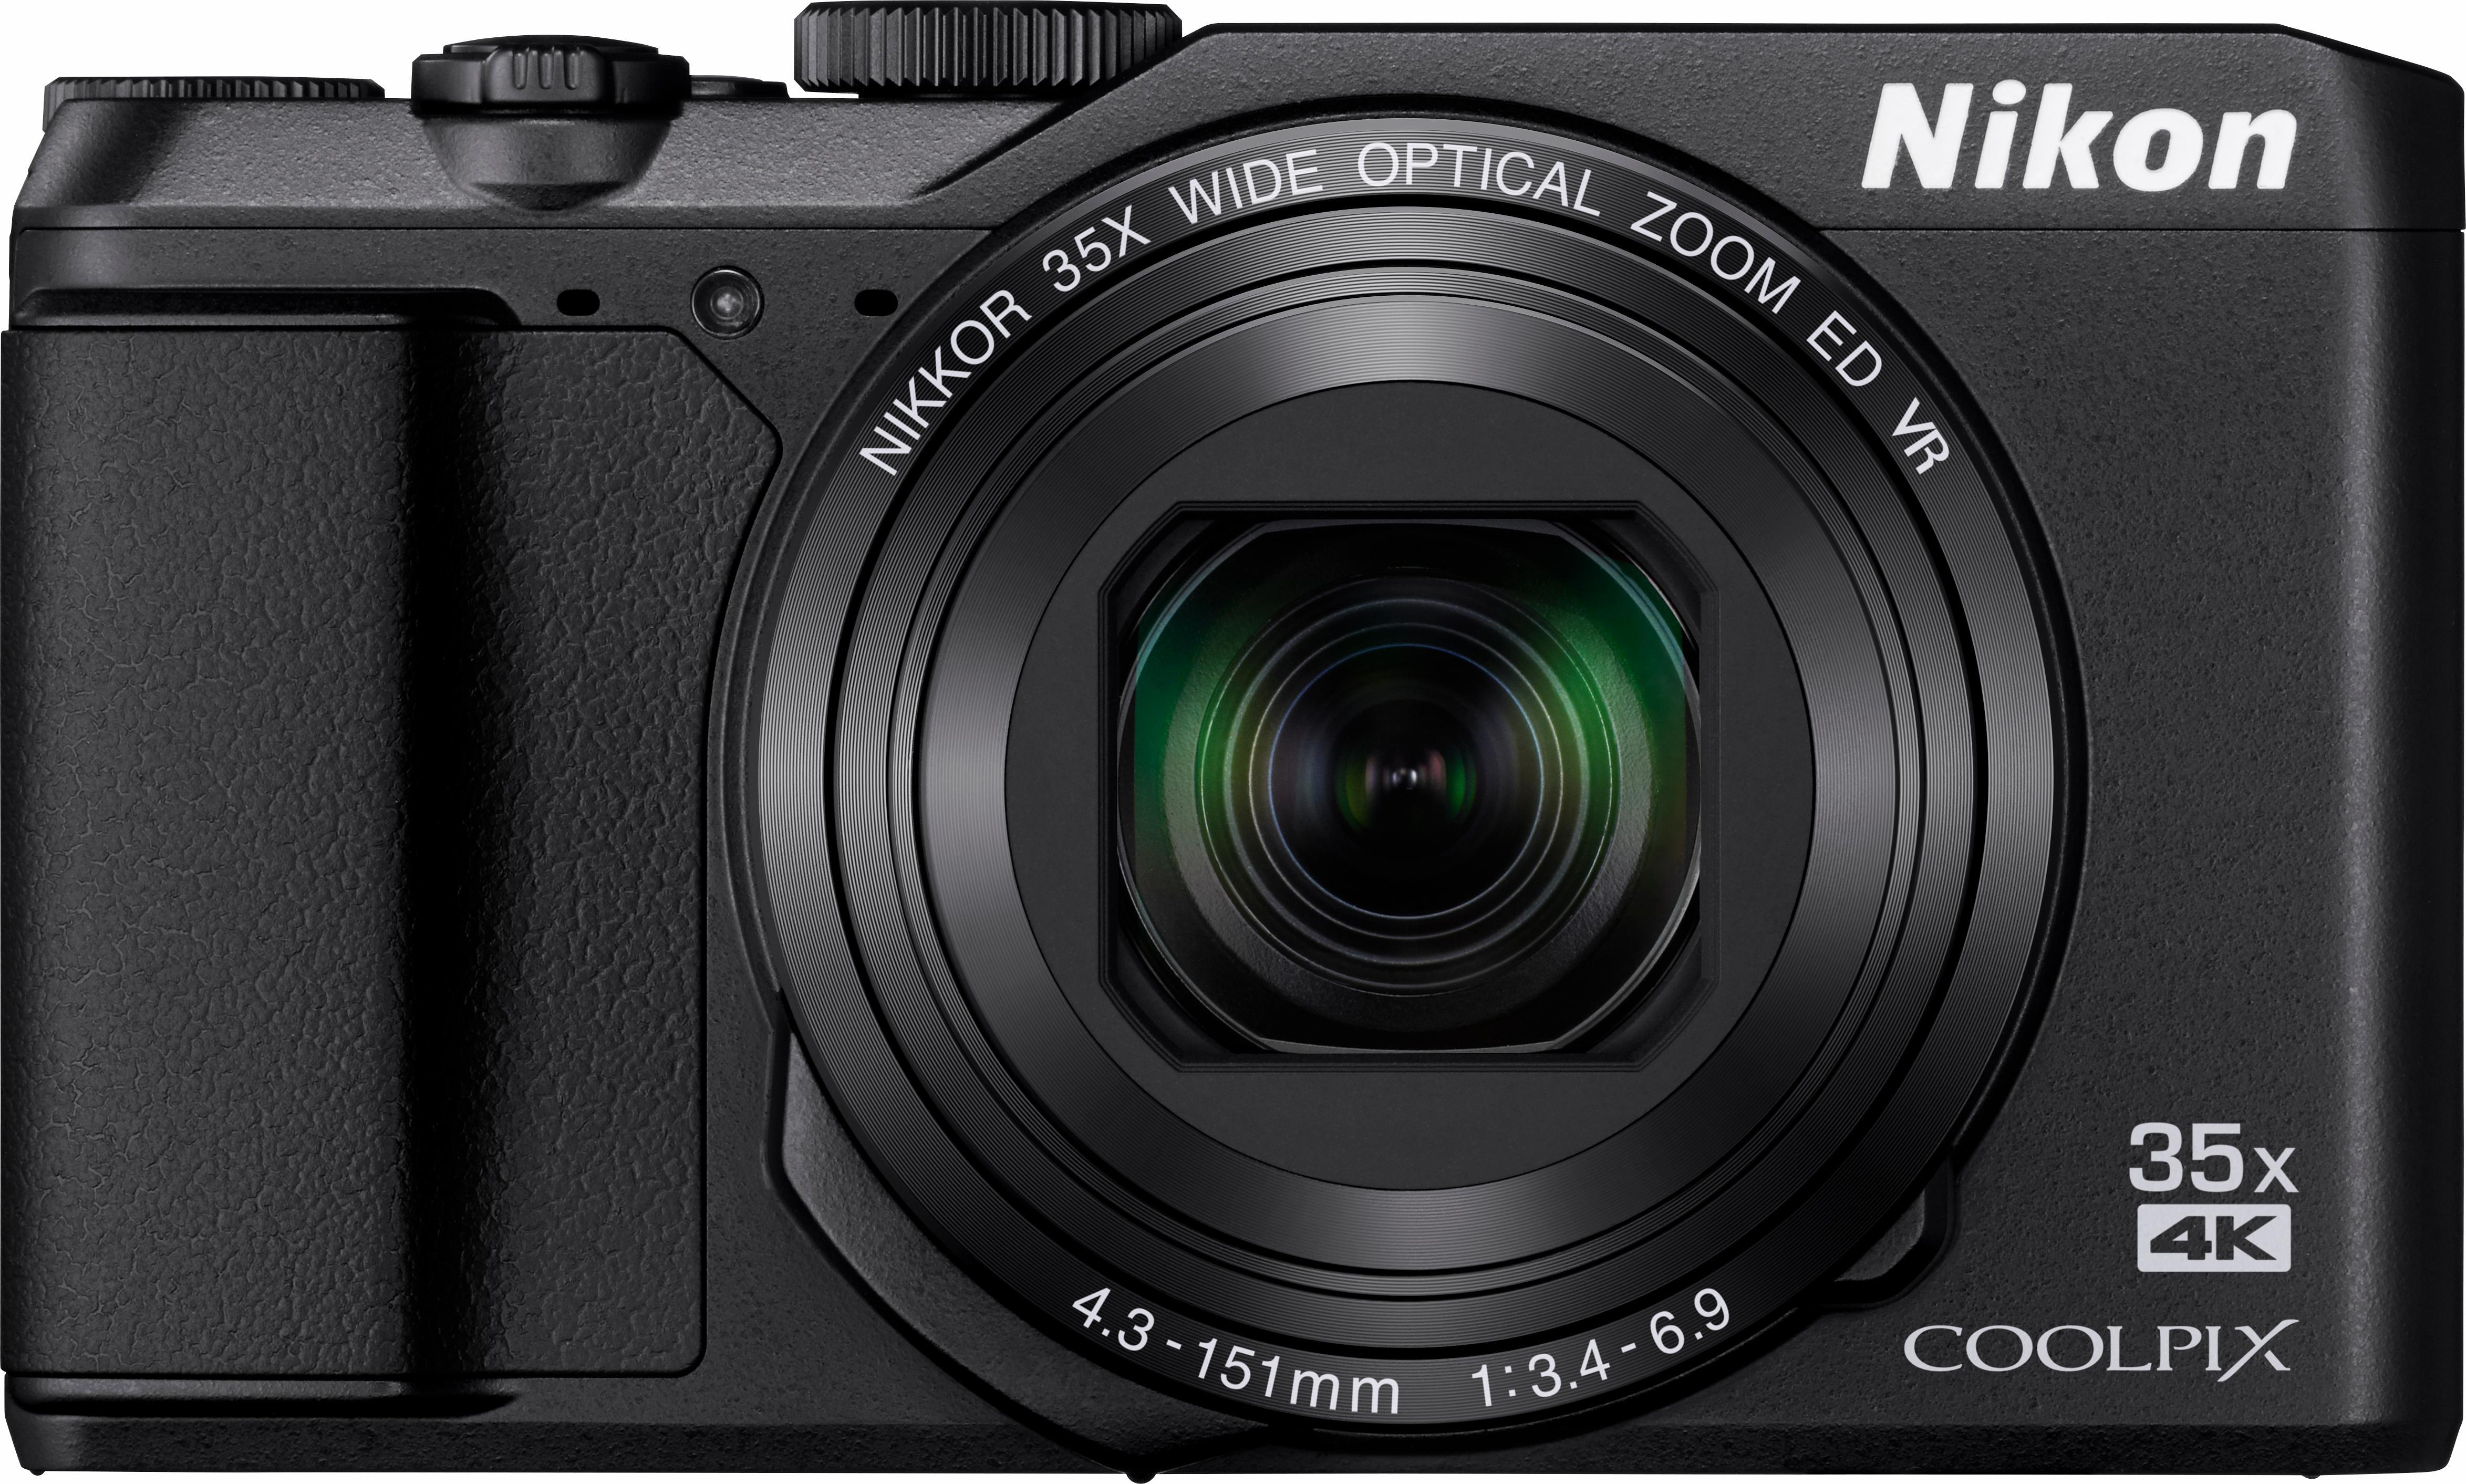 Nikon Coolpix A900 compactcamera, 20,3 megapixel, 35x optische zoom, 7,5 cm (3 inch) display in de webshop van OTTO kopen